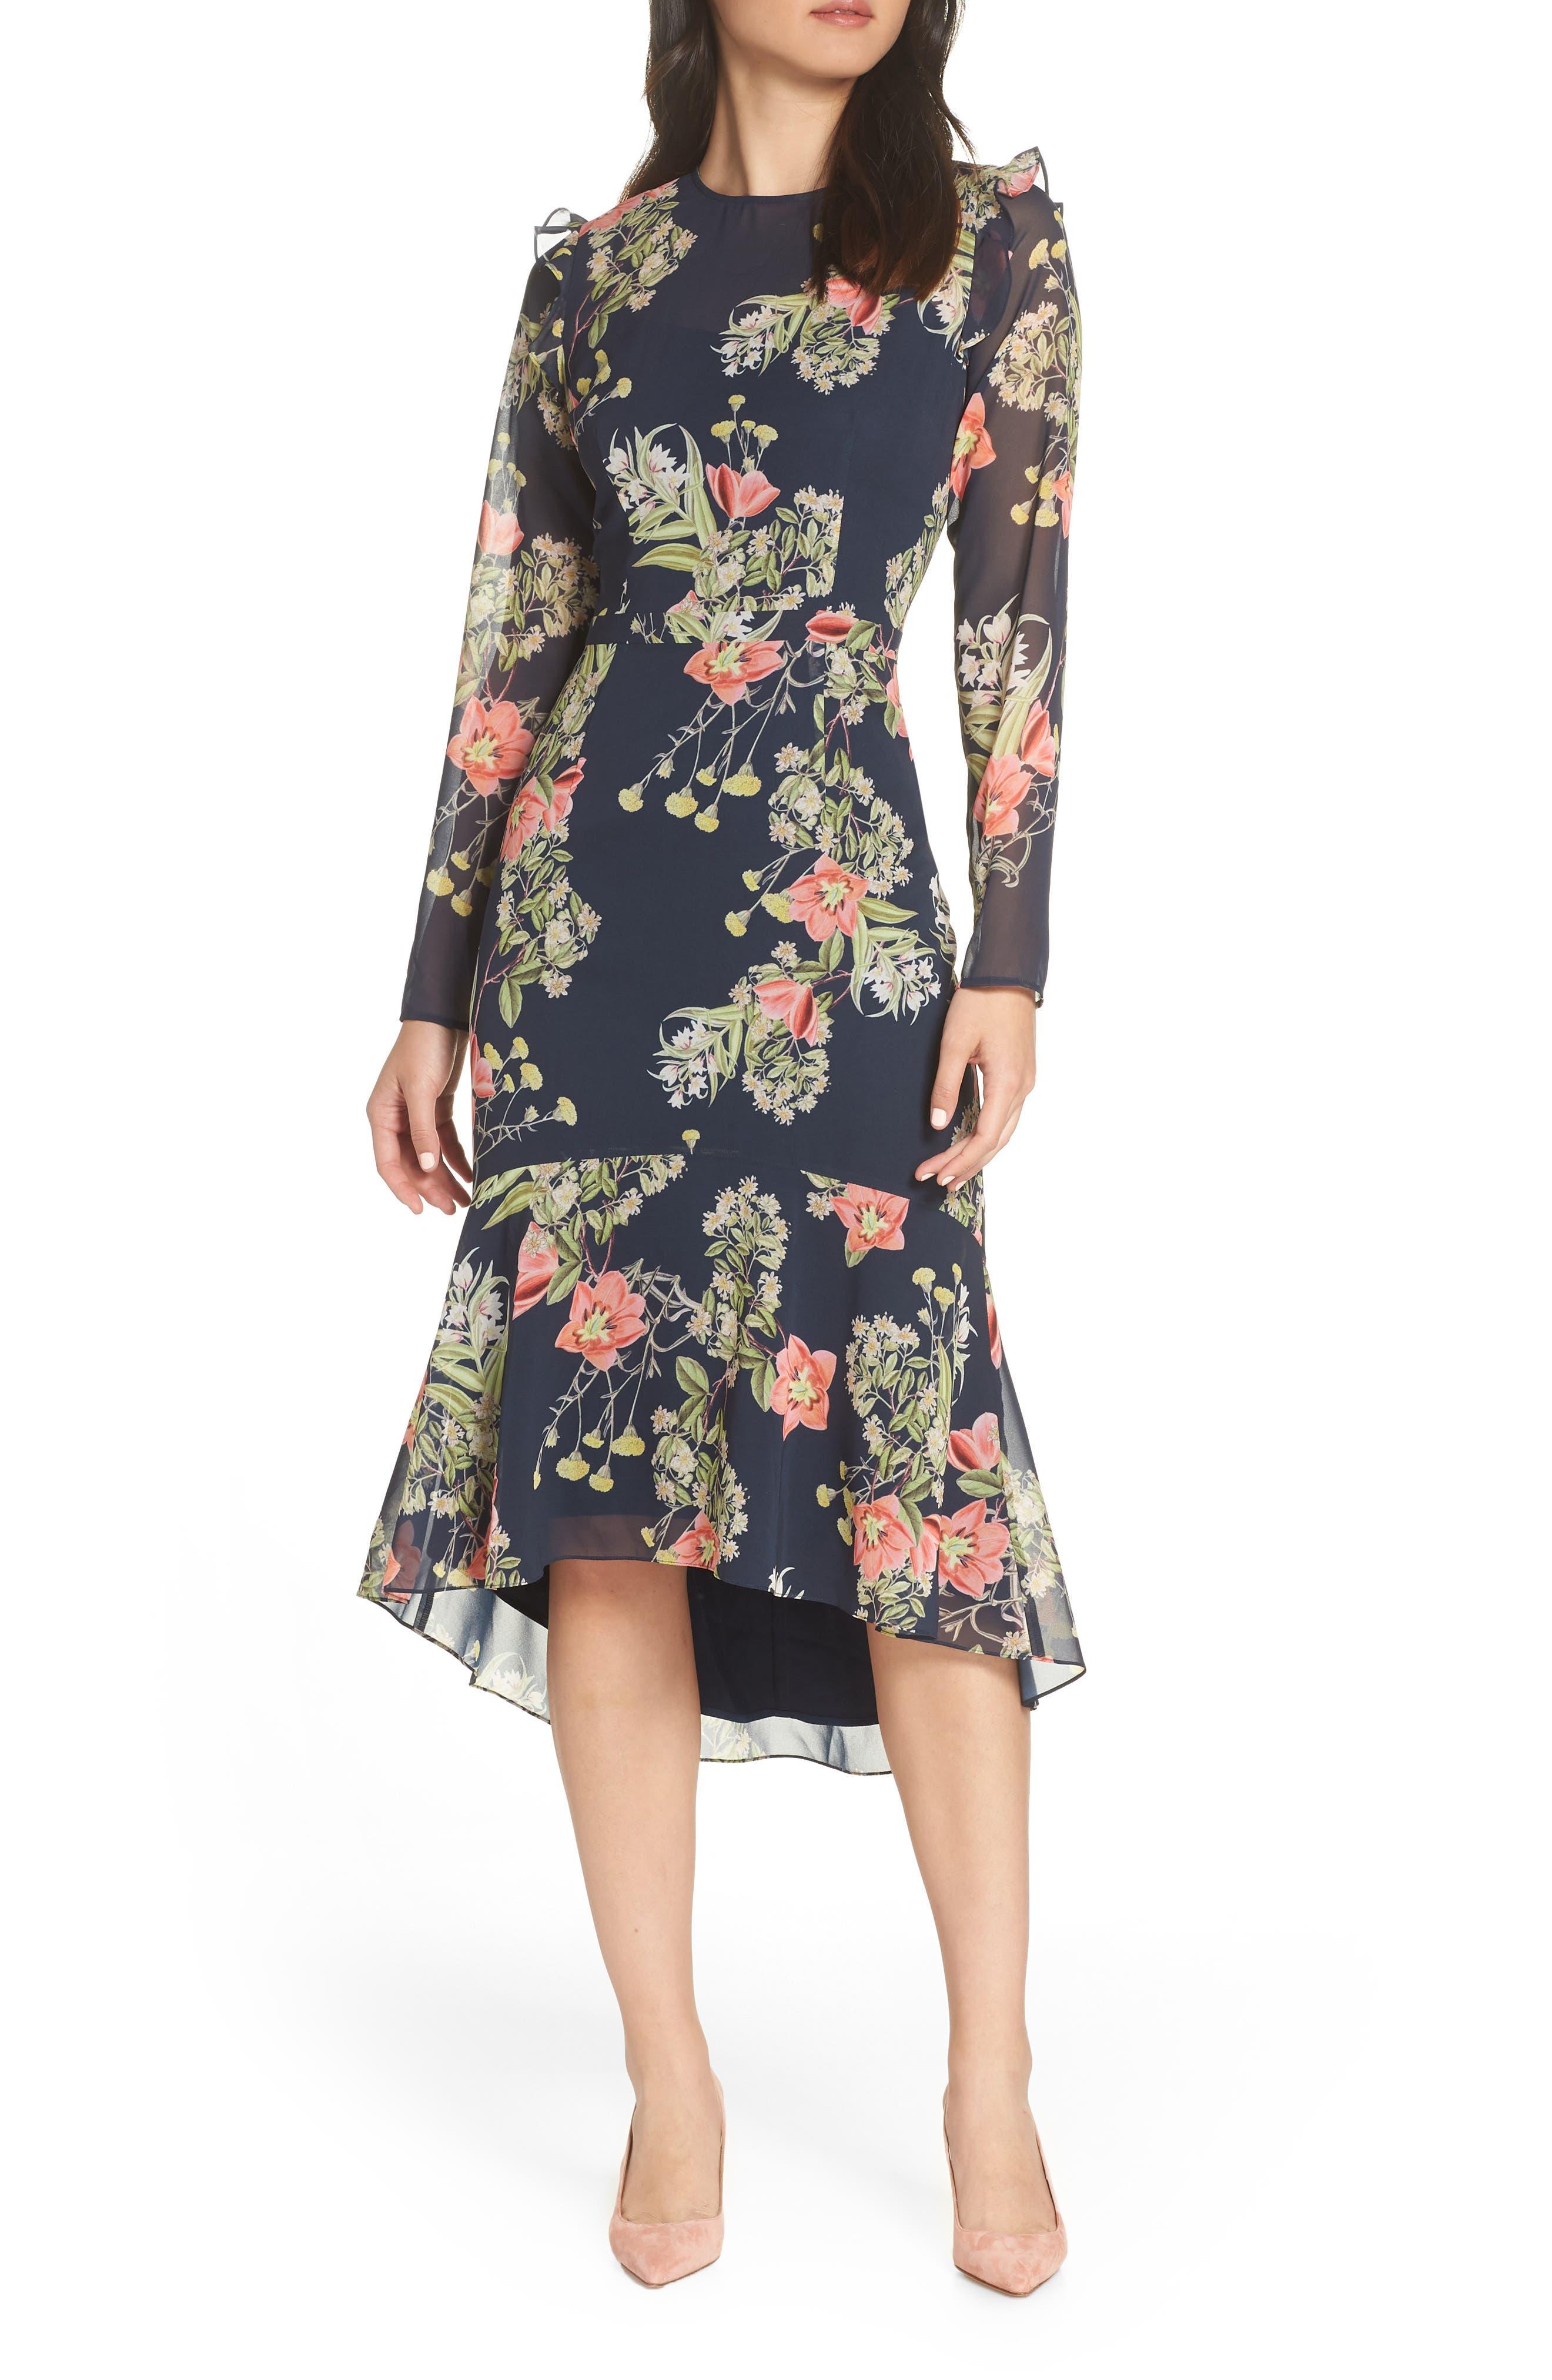 66d5b6748add floral dress